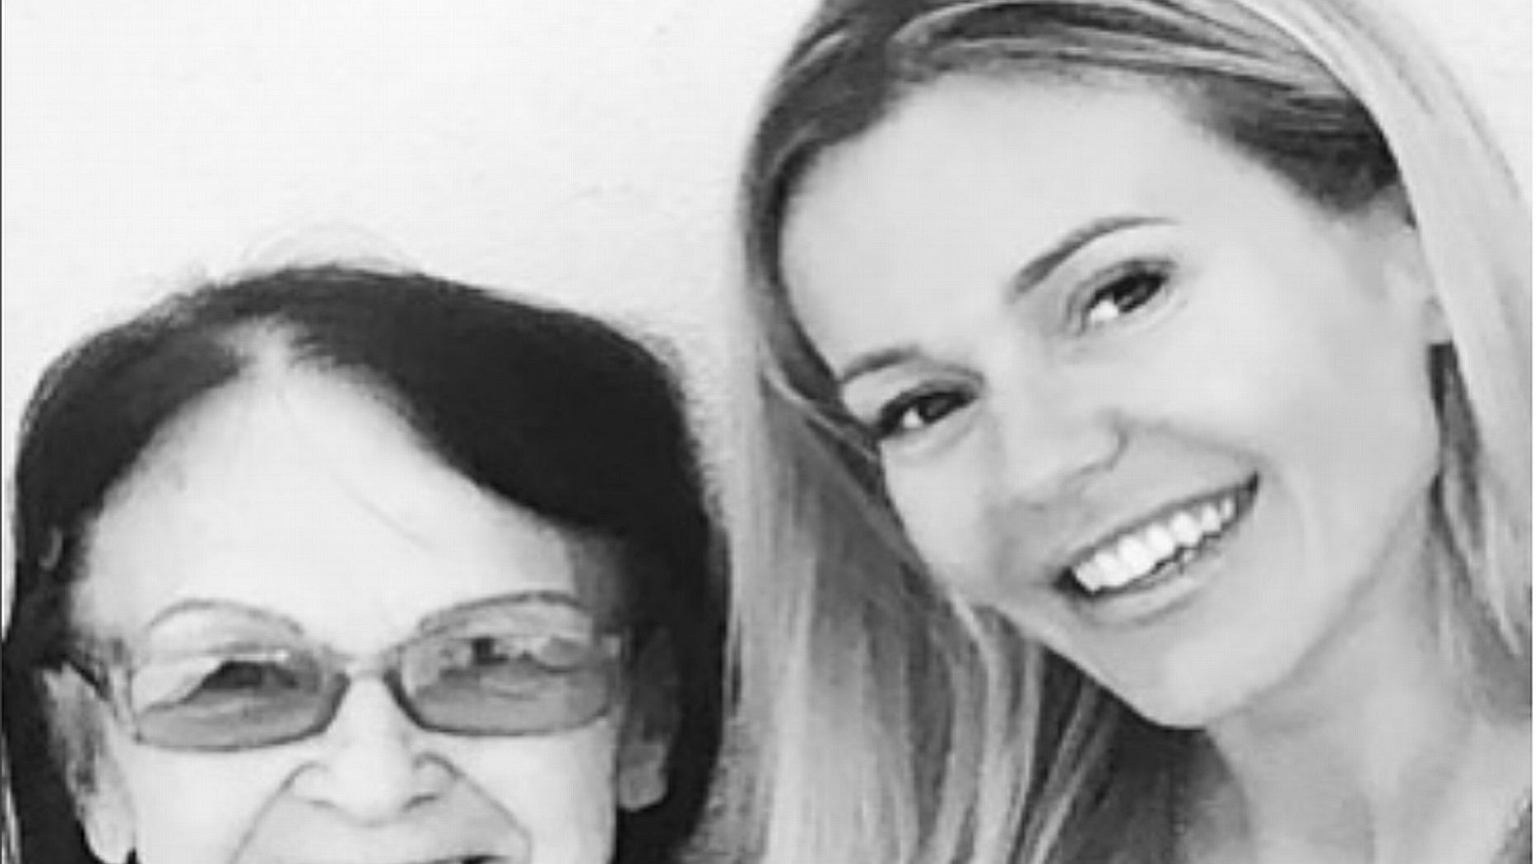 Umarła babcia Dody: ''Moja ukochana babcia, śpiewała mi pierwsze kołysanki''